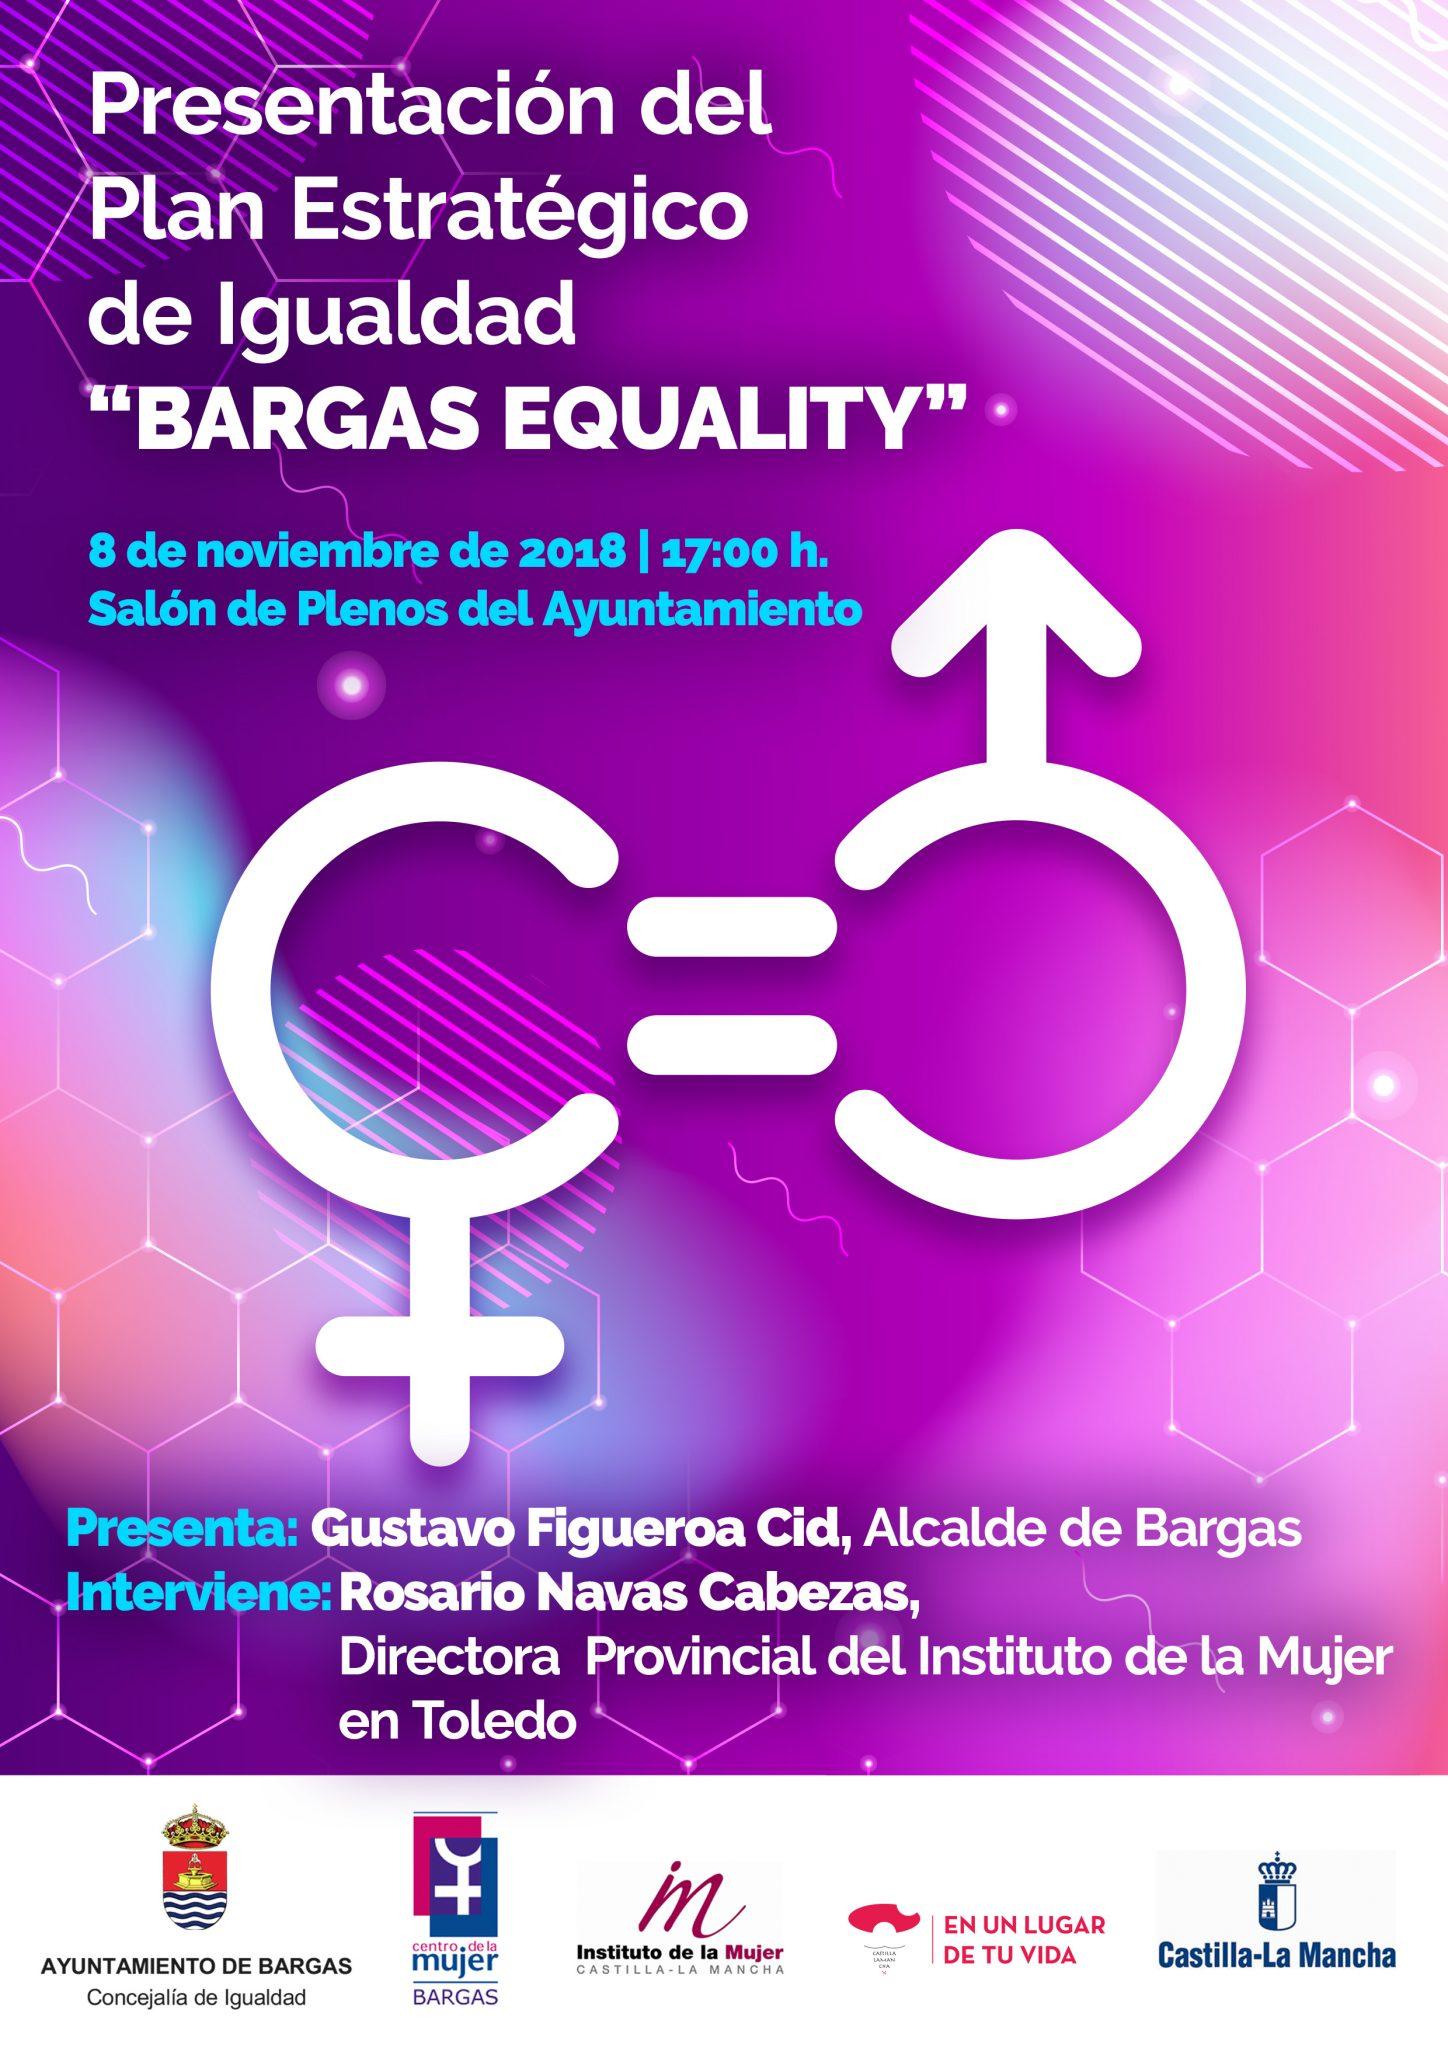 Presentación del Plan Estratégico de Igualdad: Bargas Equality